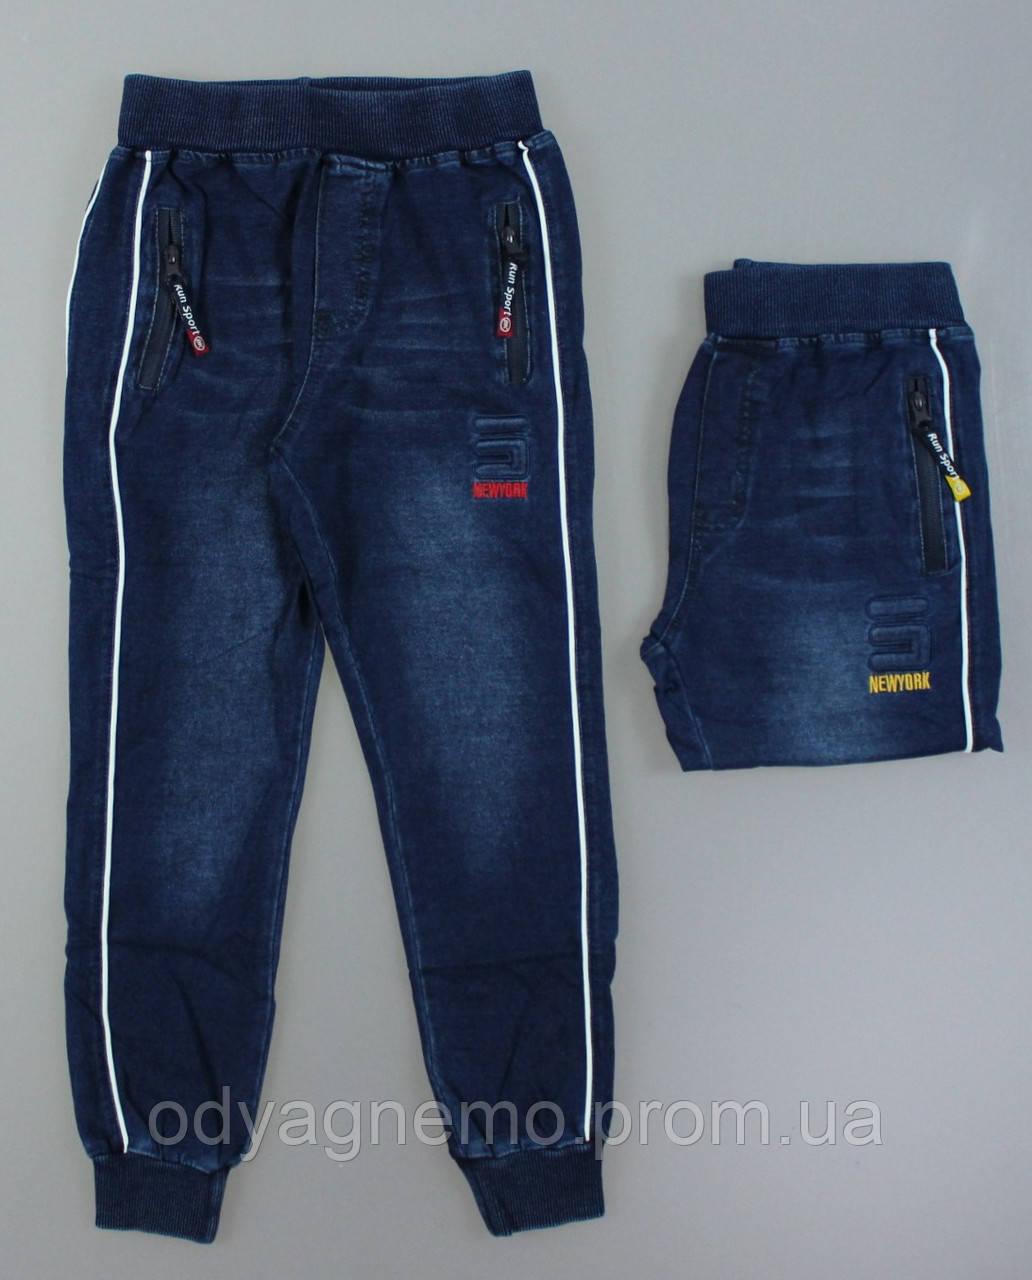 Брюки с имитацией джинсы для мальчиков F&D оптом, 4-12 лет. Артикул: 5012